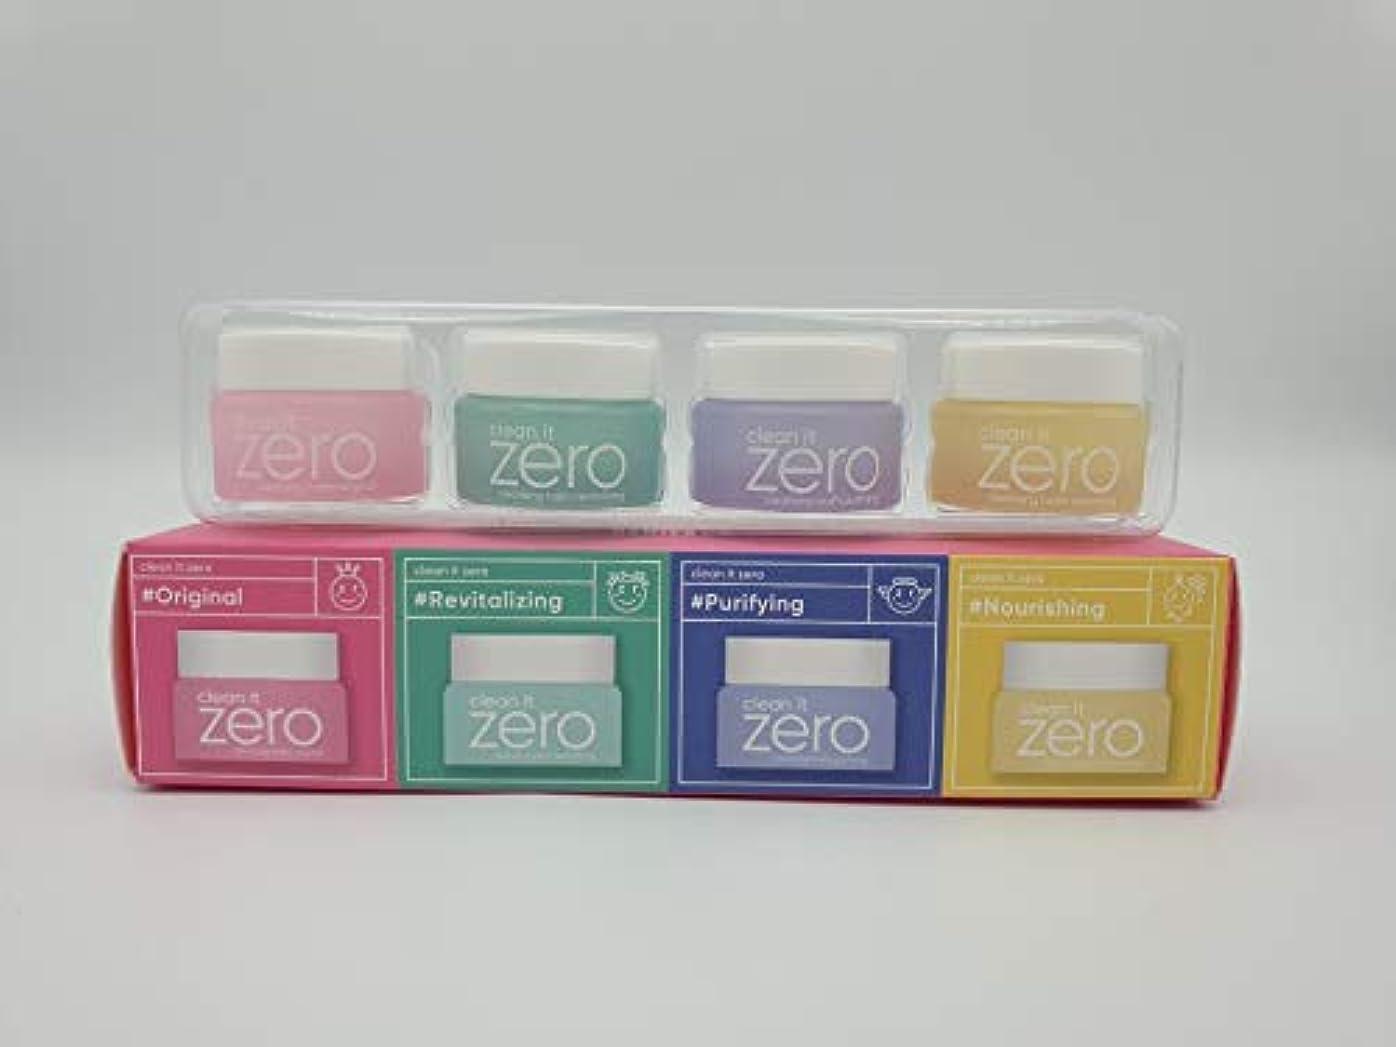 リル国性交BANILA CO Clean It Zero Special Kit (7ml×4items)/バニラコ クリーン イット ゼロ スペシャル キット (7ml×4種) [並行輸入品]